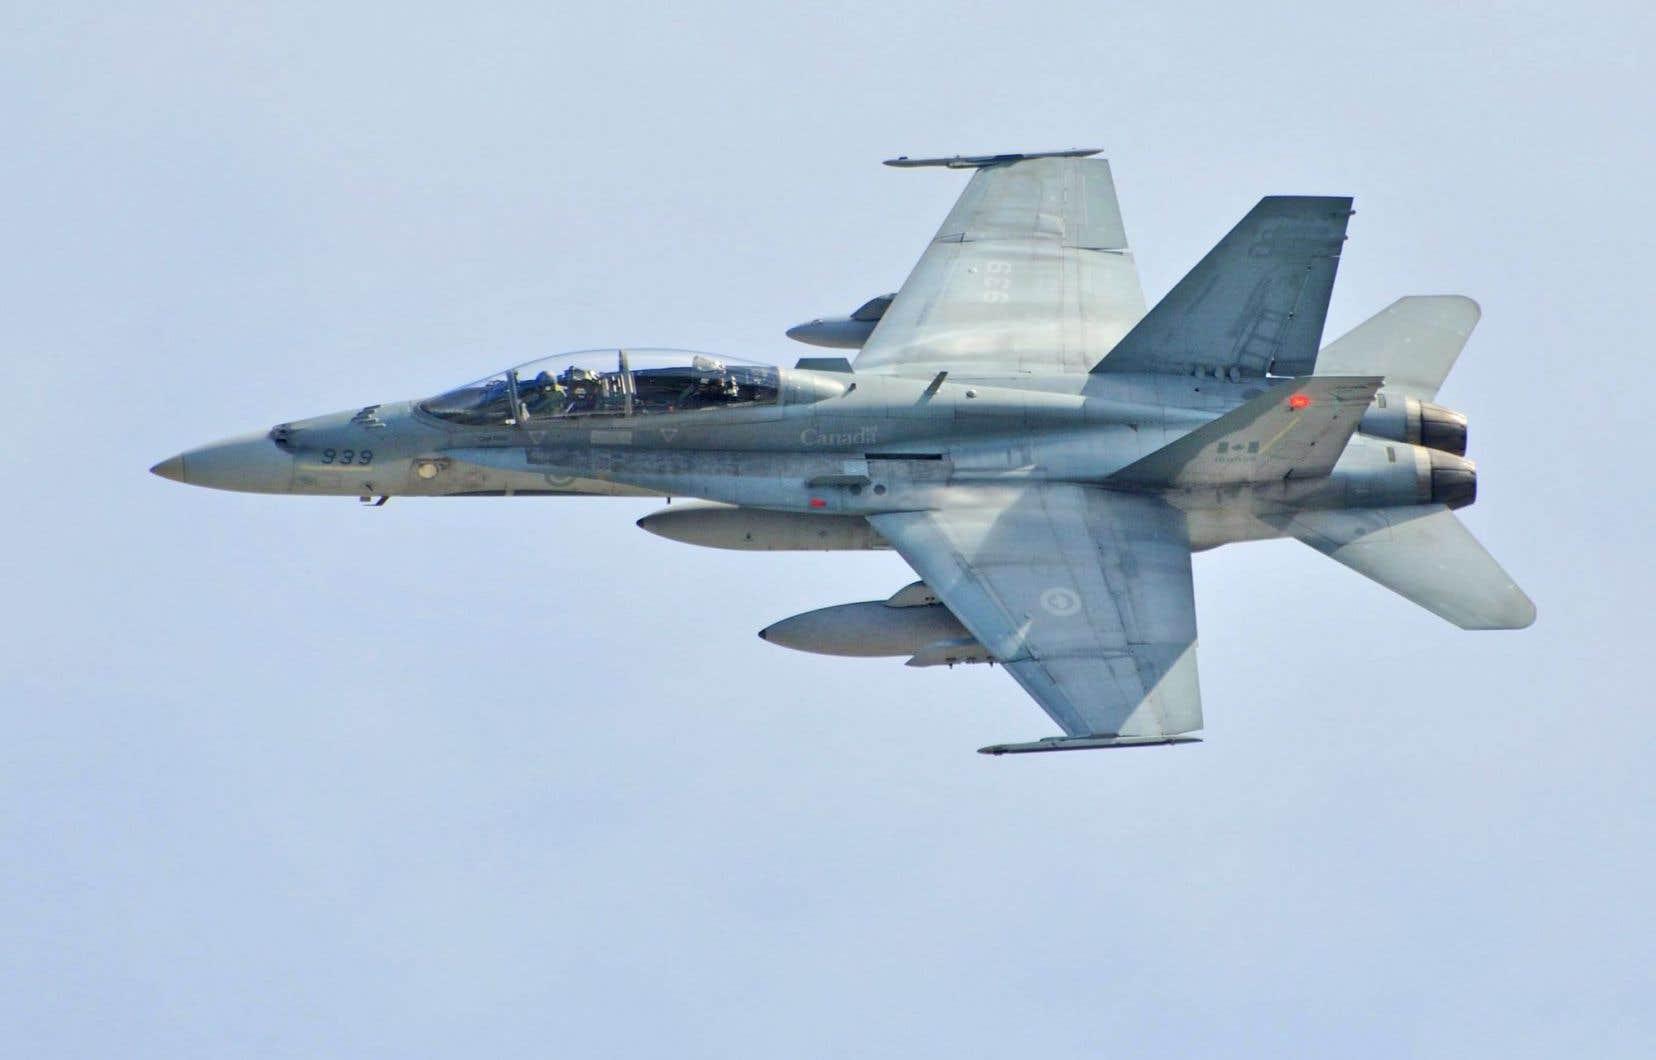 Un CC188 (CF-18) Hornet des Forces armées canadiennes